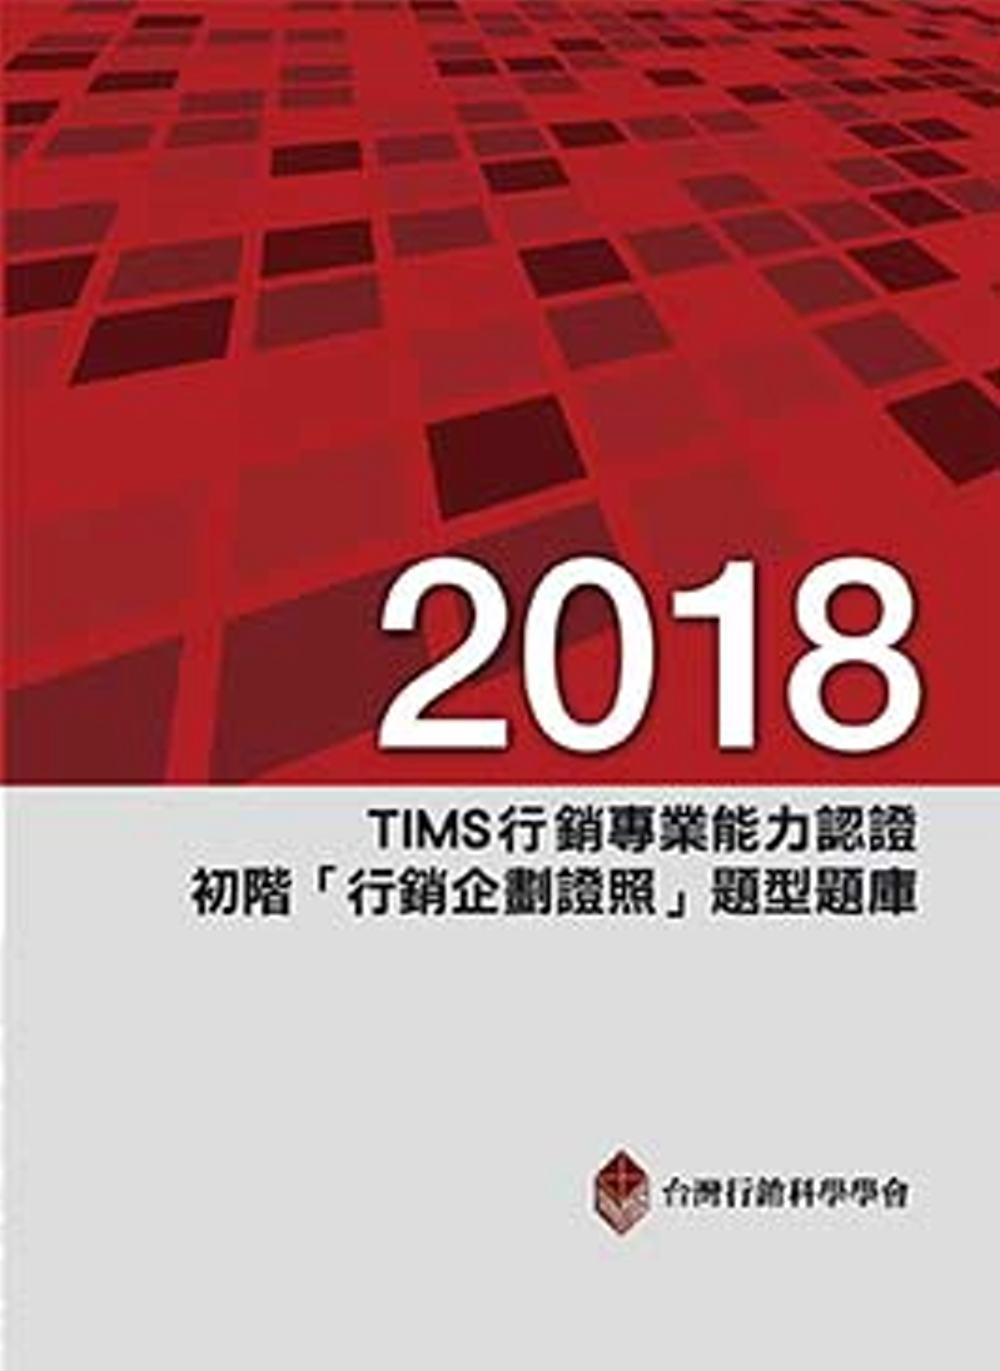 2018年TIMS行銷專業能力認證:初階「行銷企劃證照」題型題庫(九版)